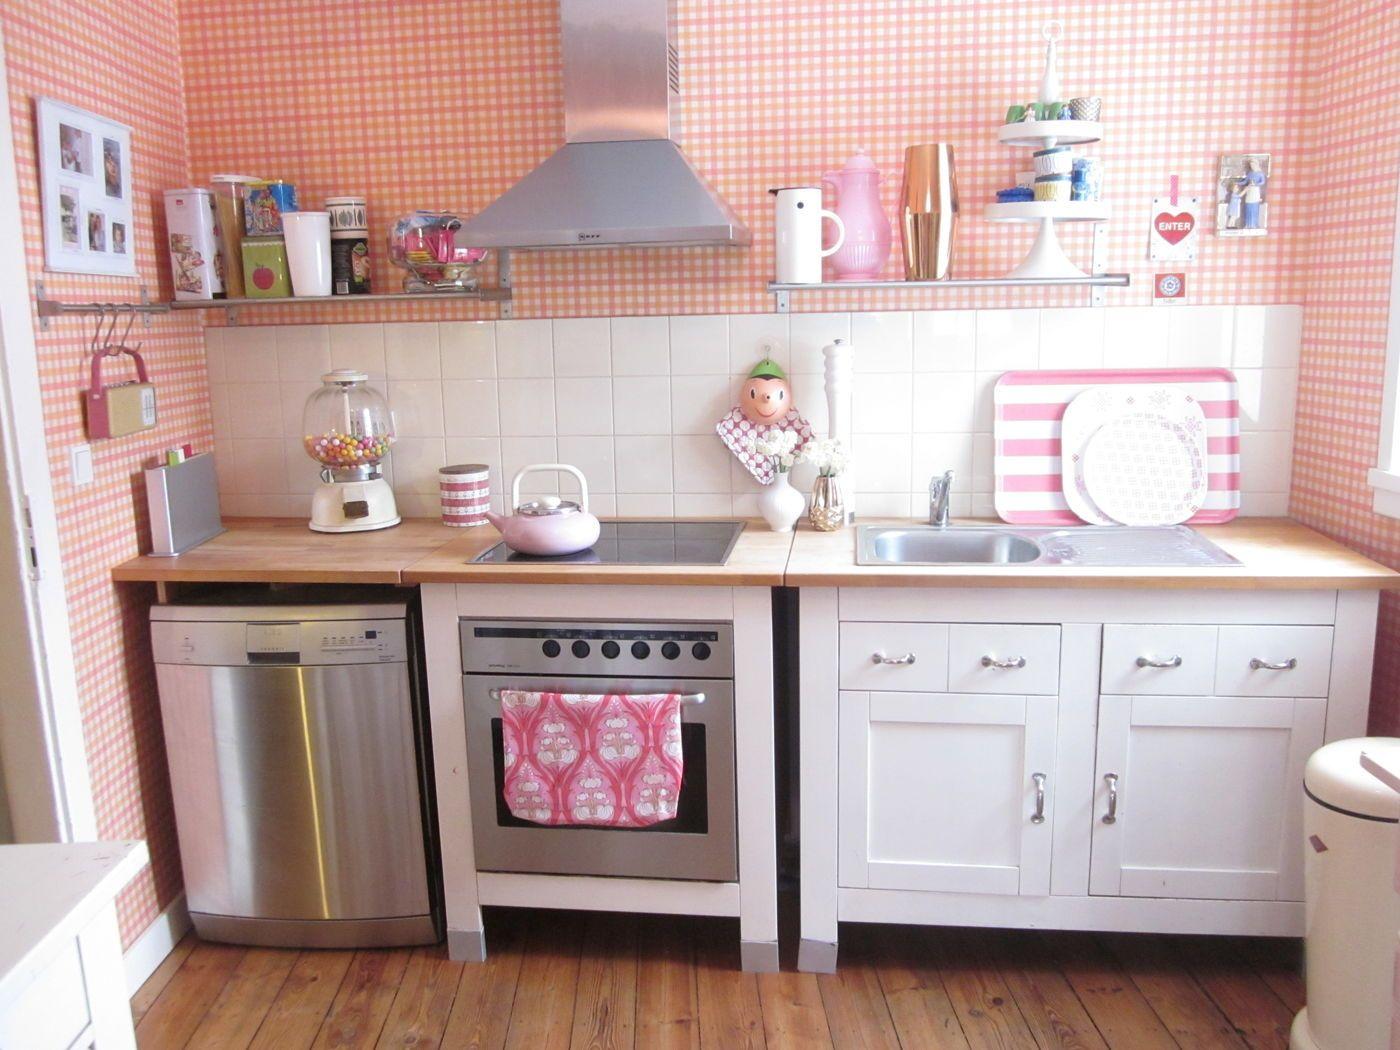 Full Size of Deko Für Küche Nostalgischsten Retro Ideen Holzregal Kaufen Tipps Wellmann Ikea Miniküche Gardinen Doppelblock Badezimmer Erweitern Armatur Wanddeko Küche Deko Für Küche